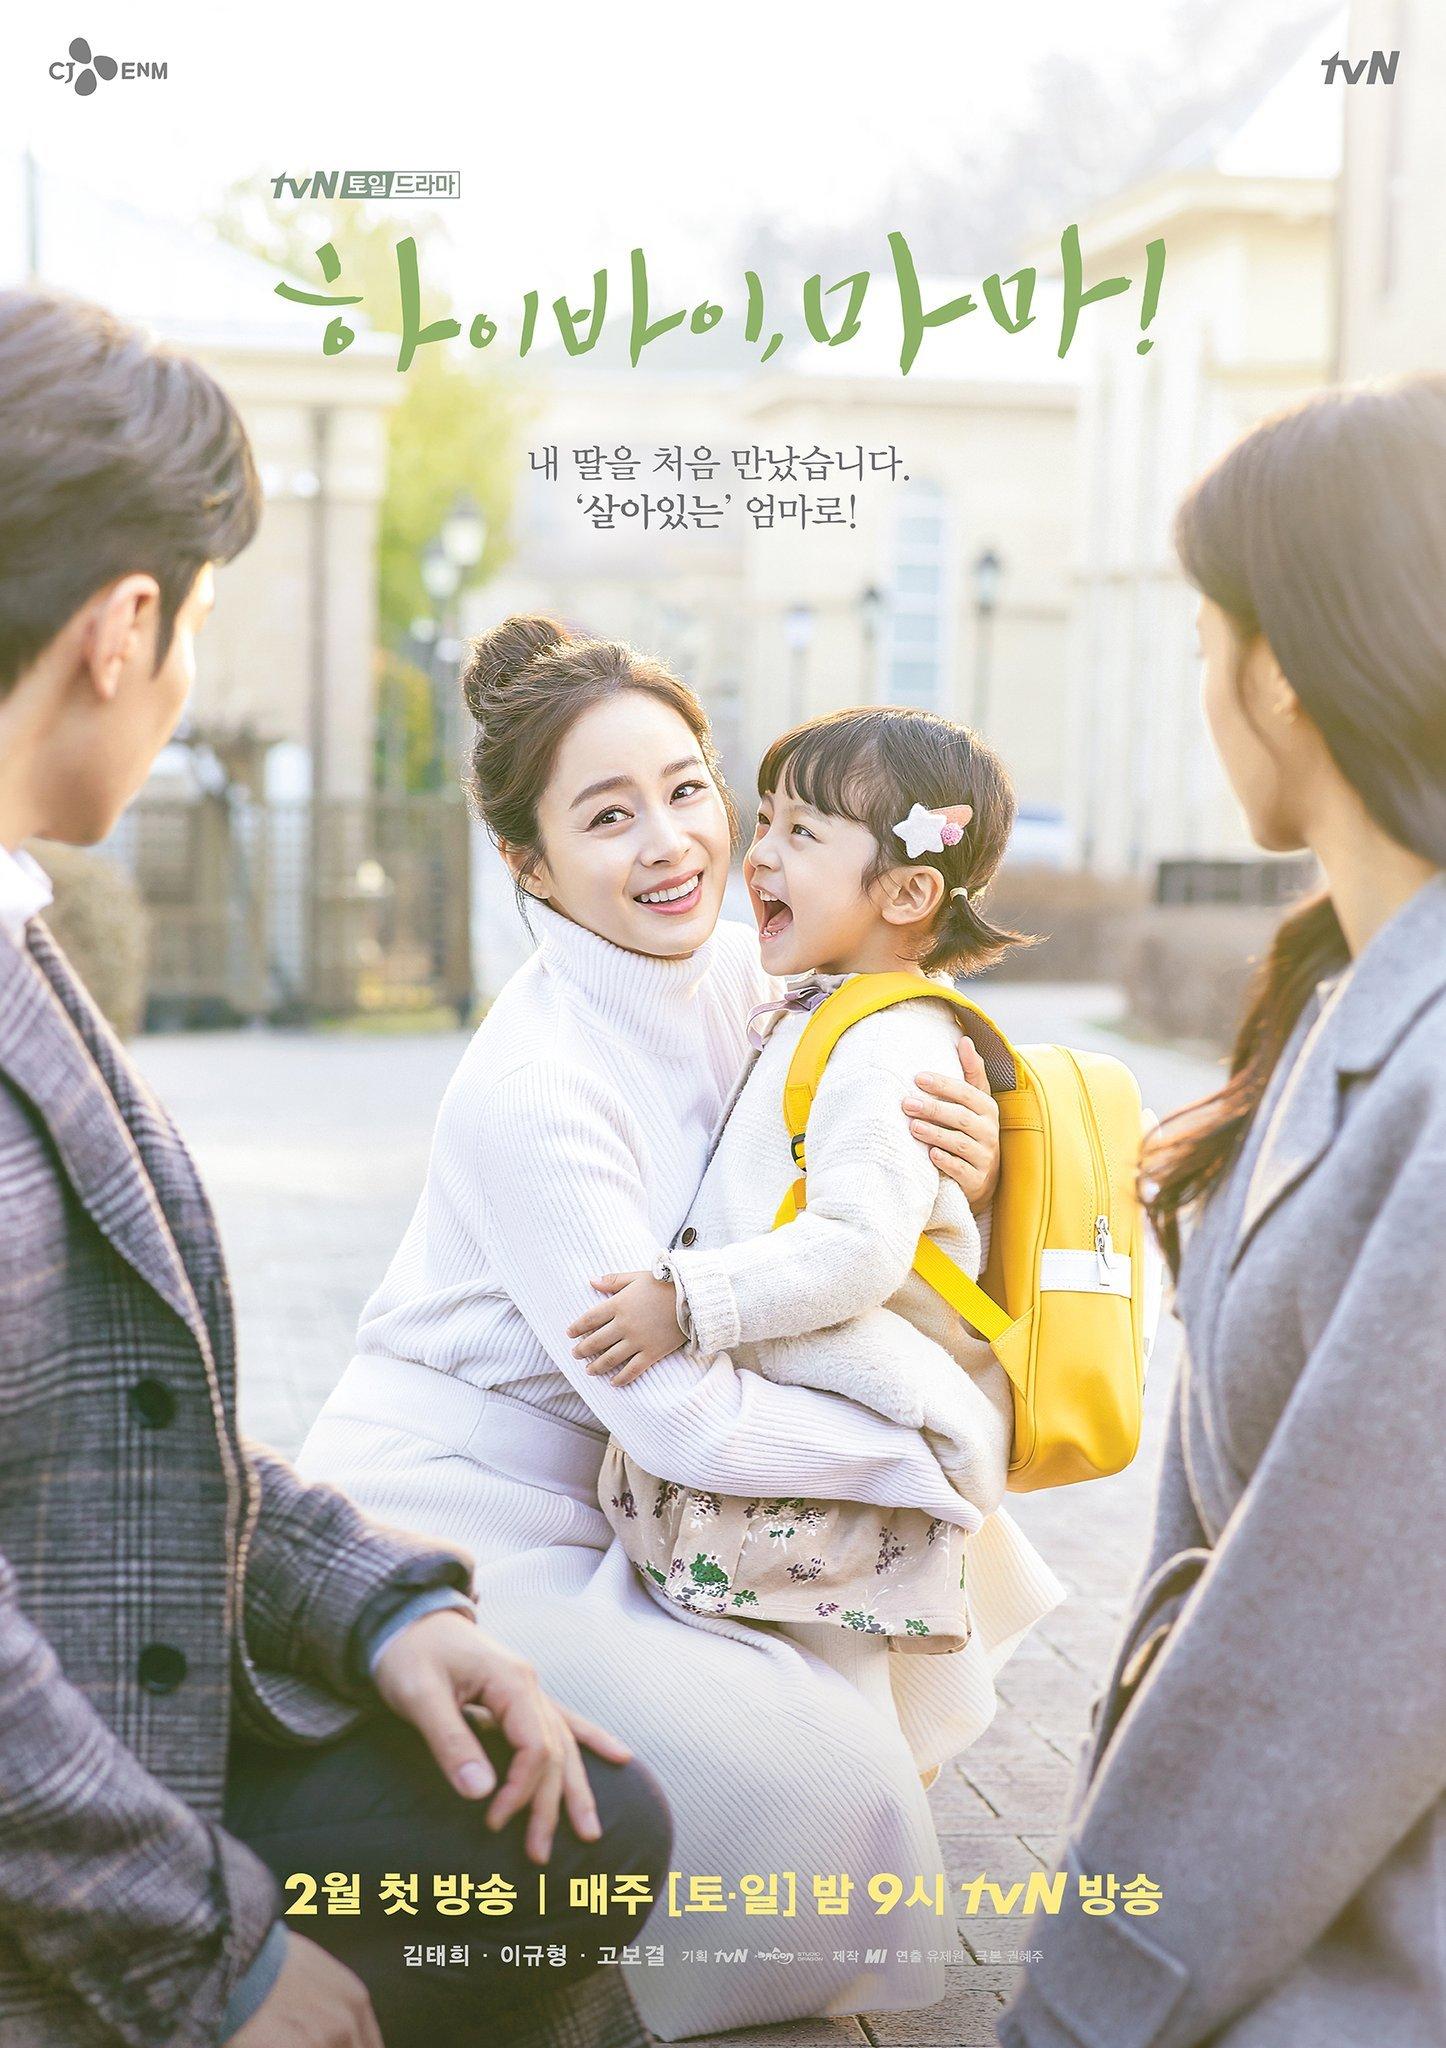 金泰熙主演韩剧《你好妈妈,再见!》惹争议,让小男孩扮演女生引发韩国网友批评插图